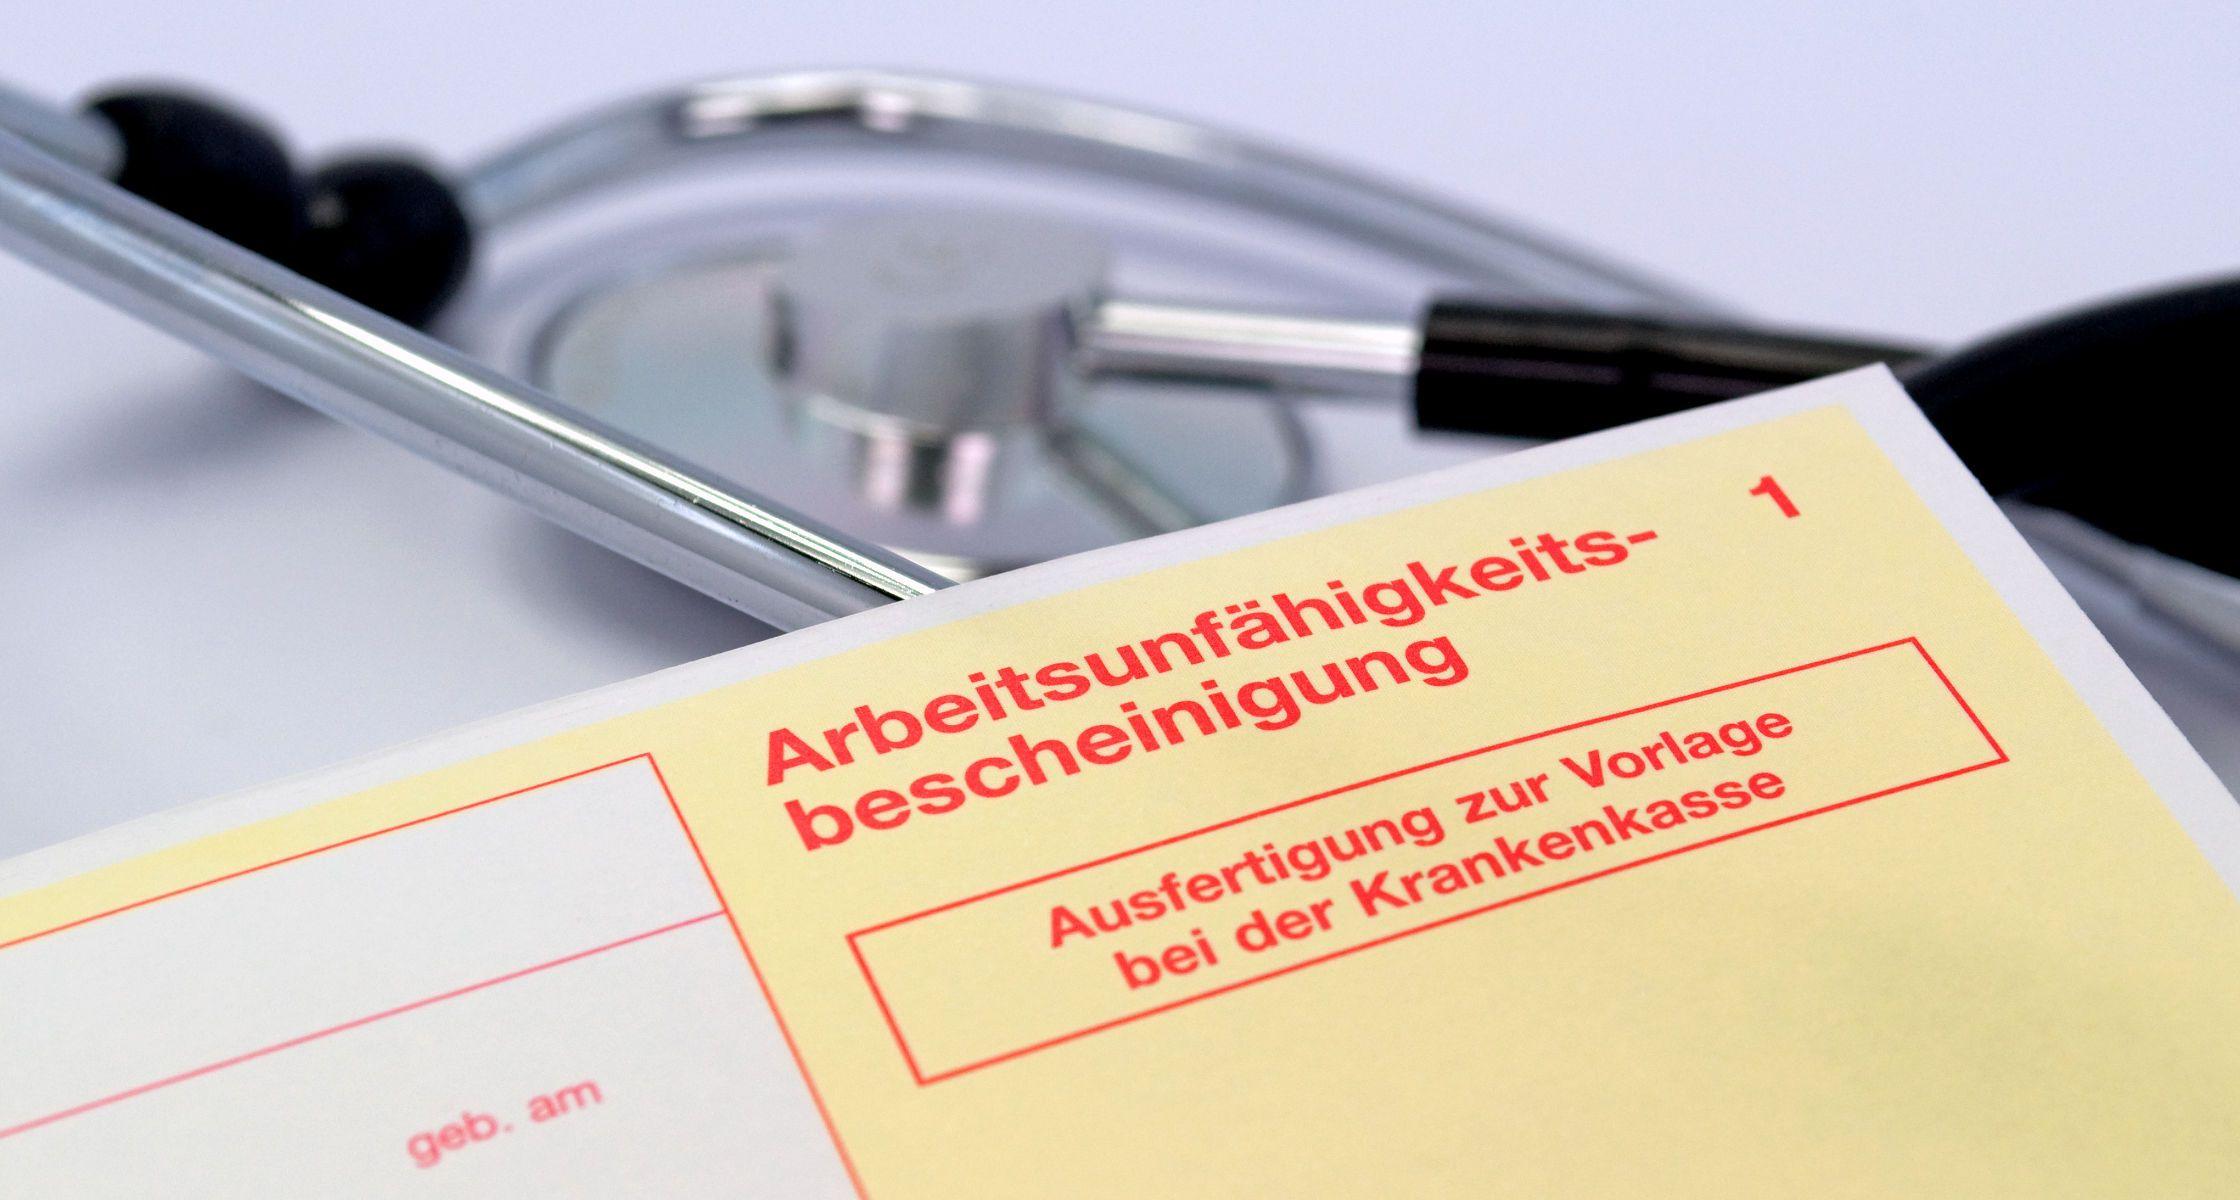 Betriebskrankenkassen verzeichnen hohen Krankenstand